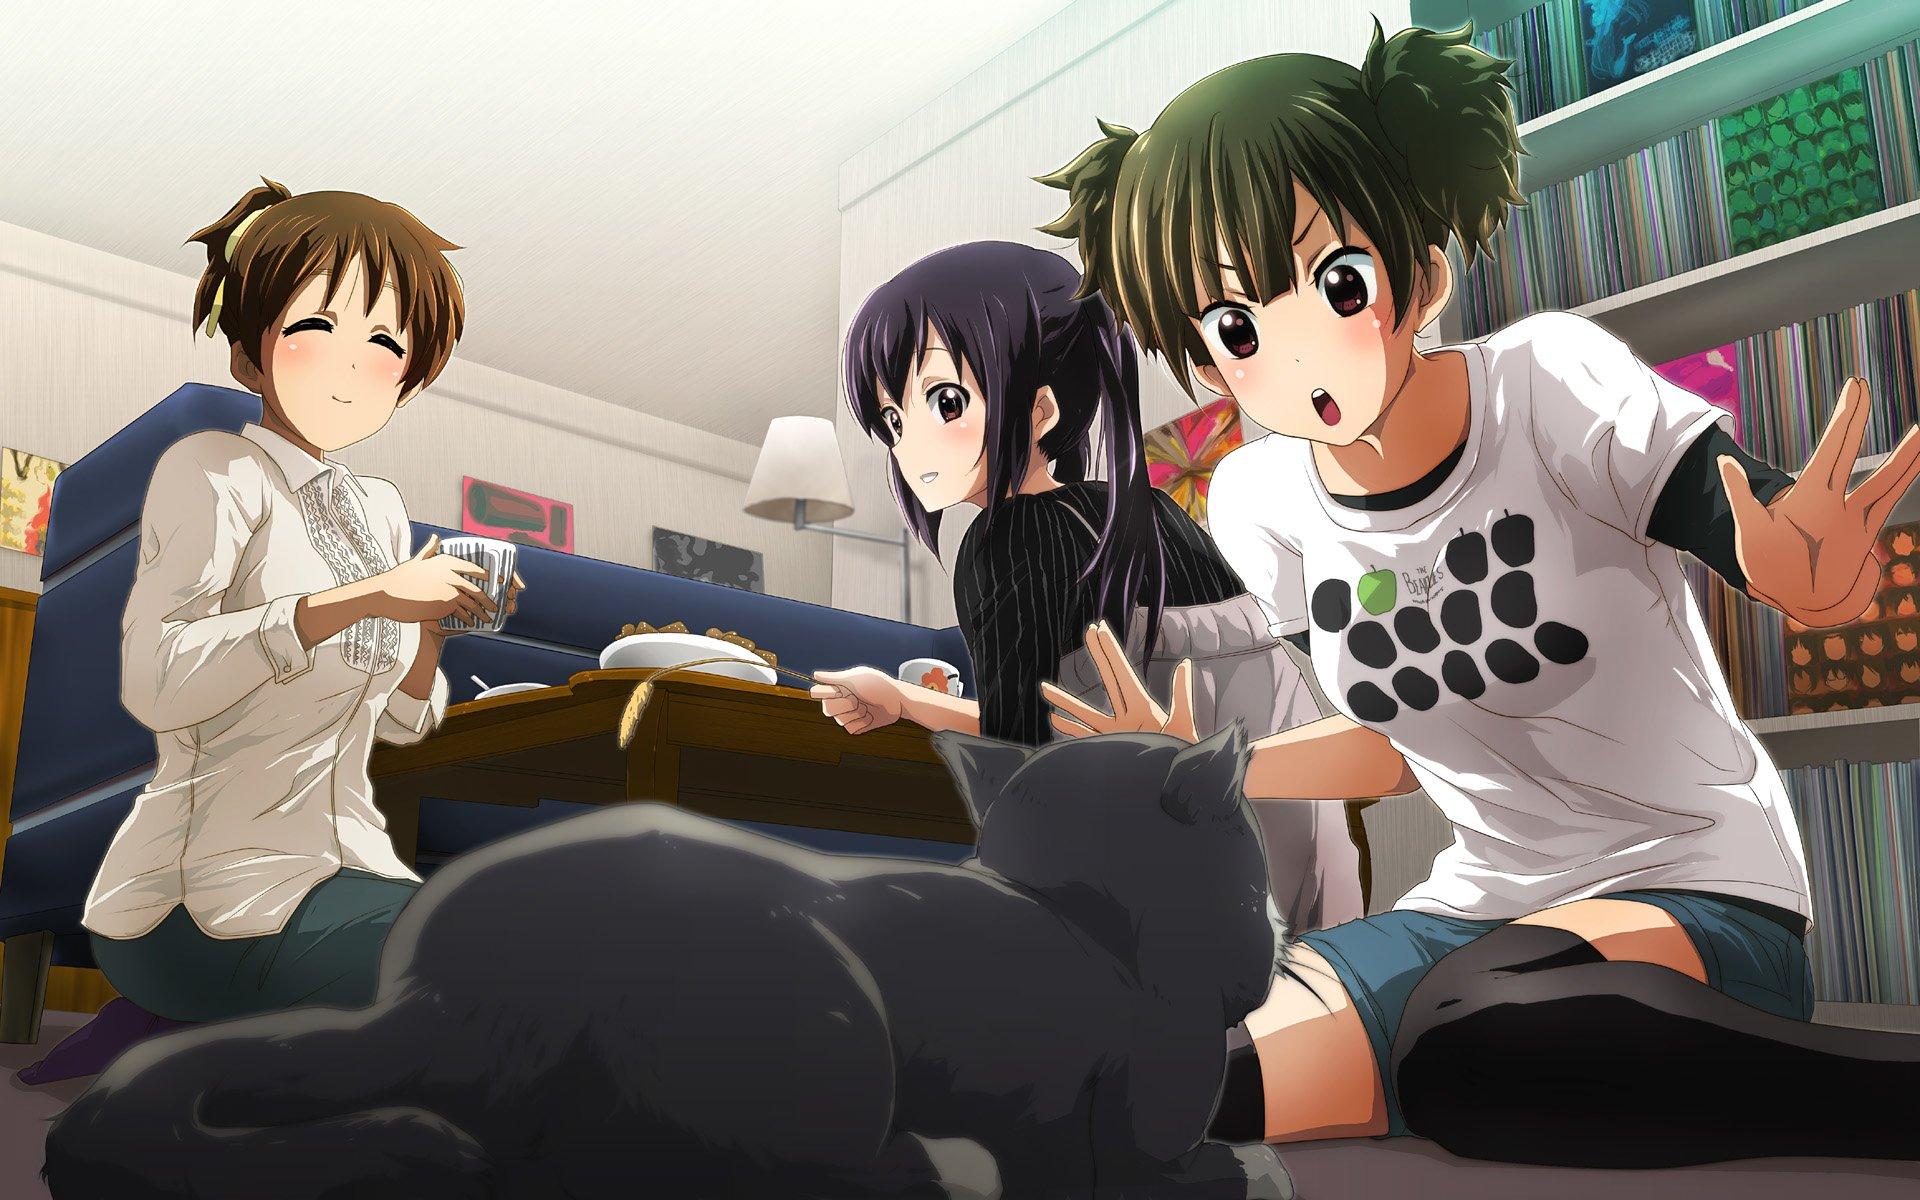 Anime - K-ON!  Room Girl Ui Hirasawa Jun Suzuki Azusa Nakano Wallpaper